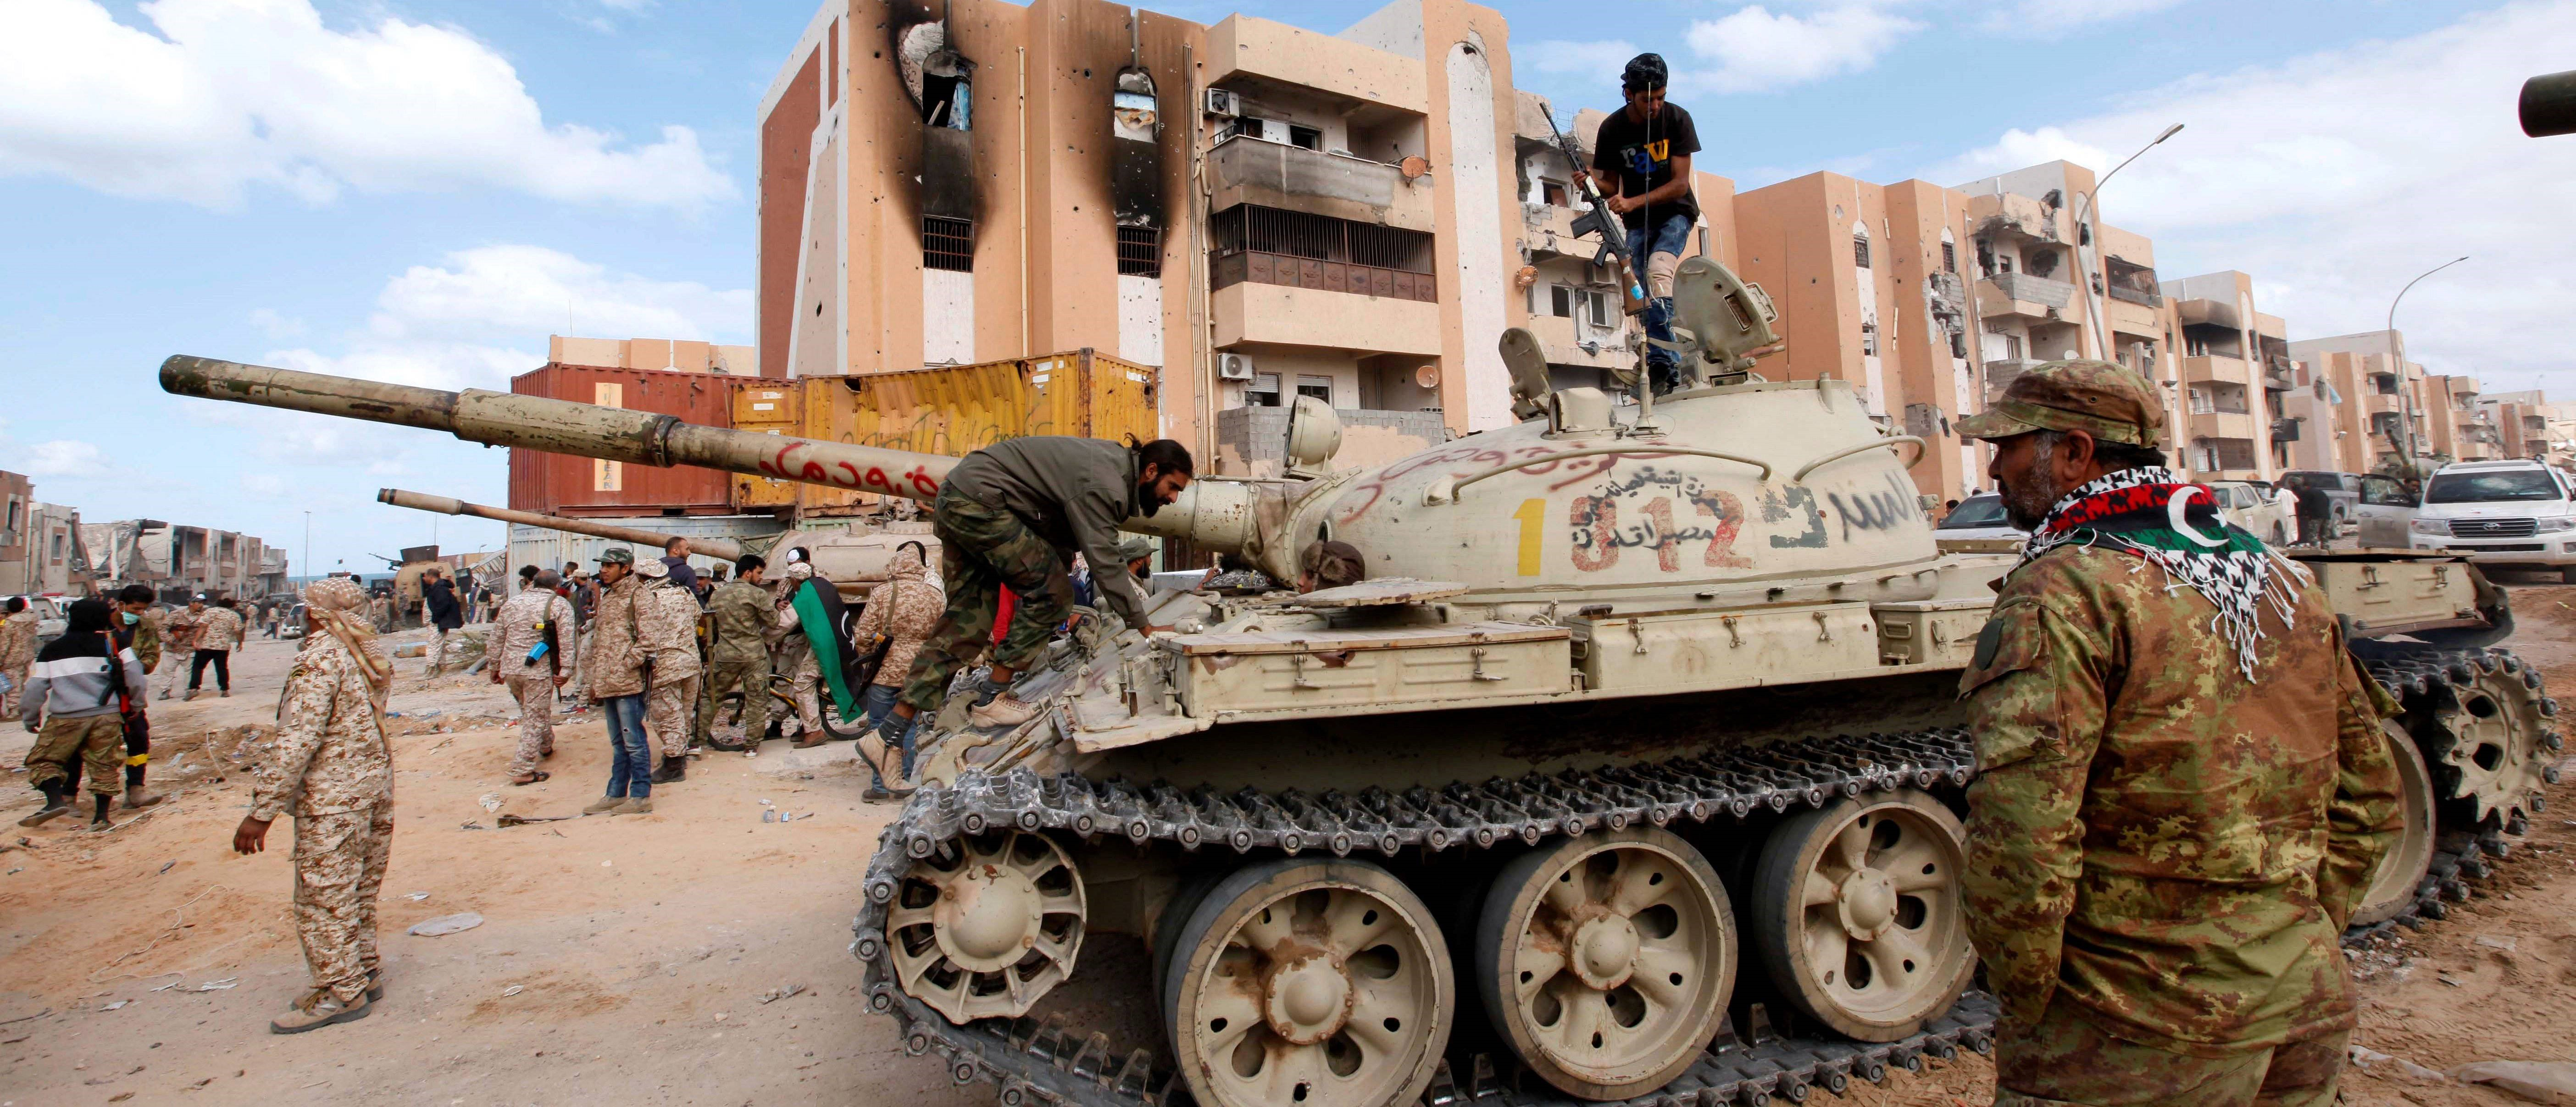 Rusya ve Türkiye arasında Libya krizi: Karşı karşıya geldiler